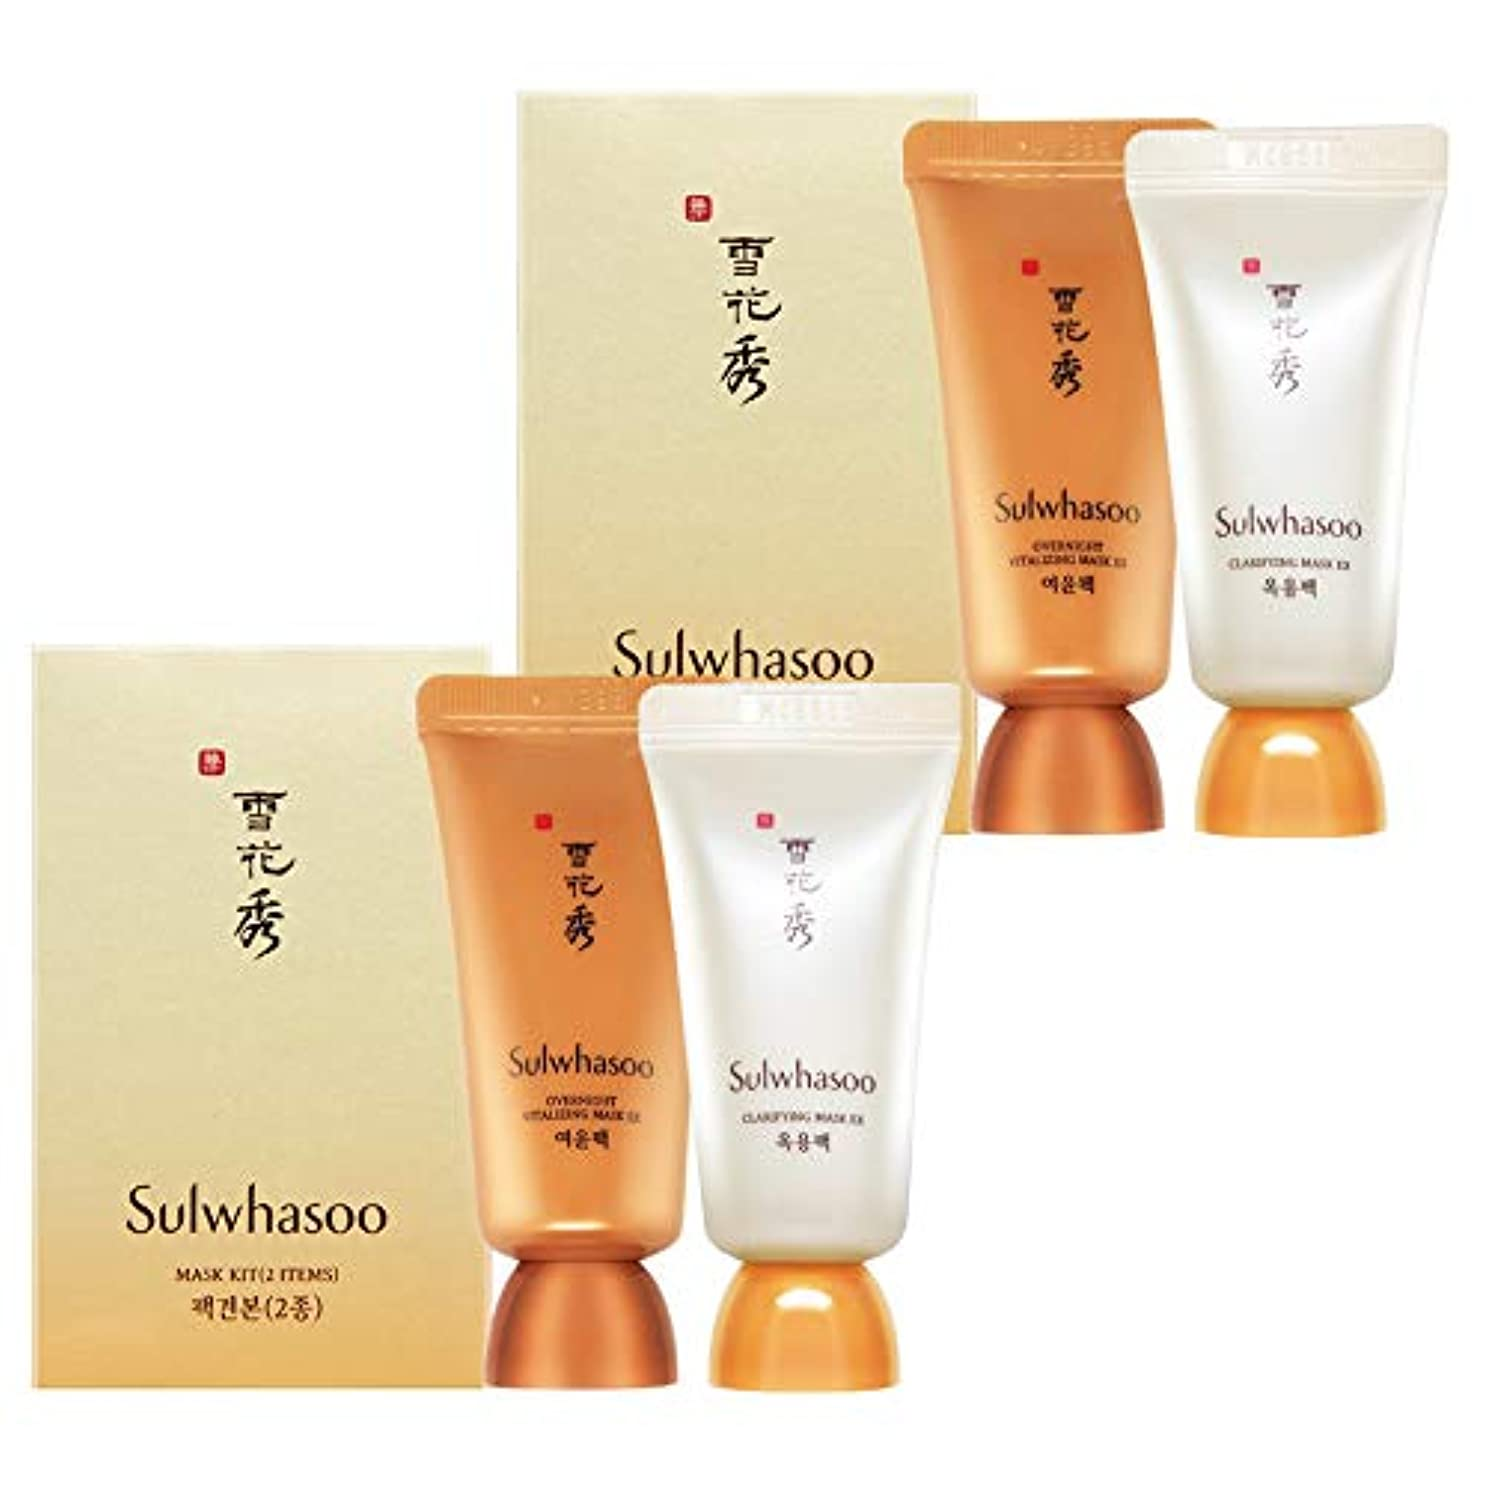 生組み合わせペデスタル[Sulwhasoo] ソルファス オギョンパック ヨユンパック 15ml×2本×2箱(Mask Kit(2 Iteams) 1+1)